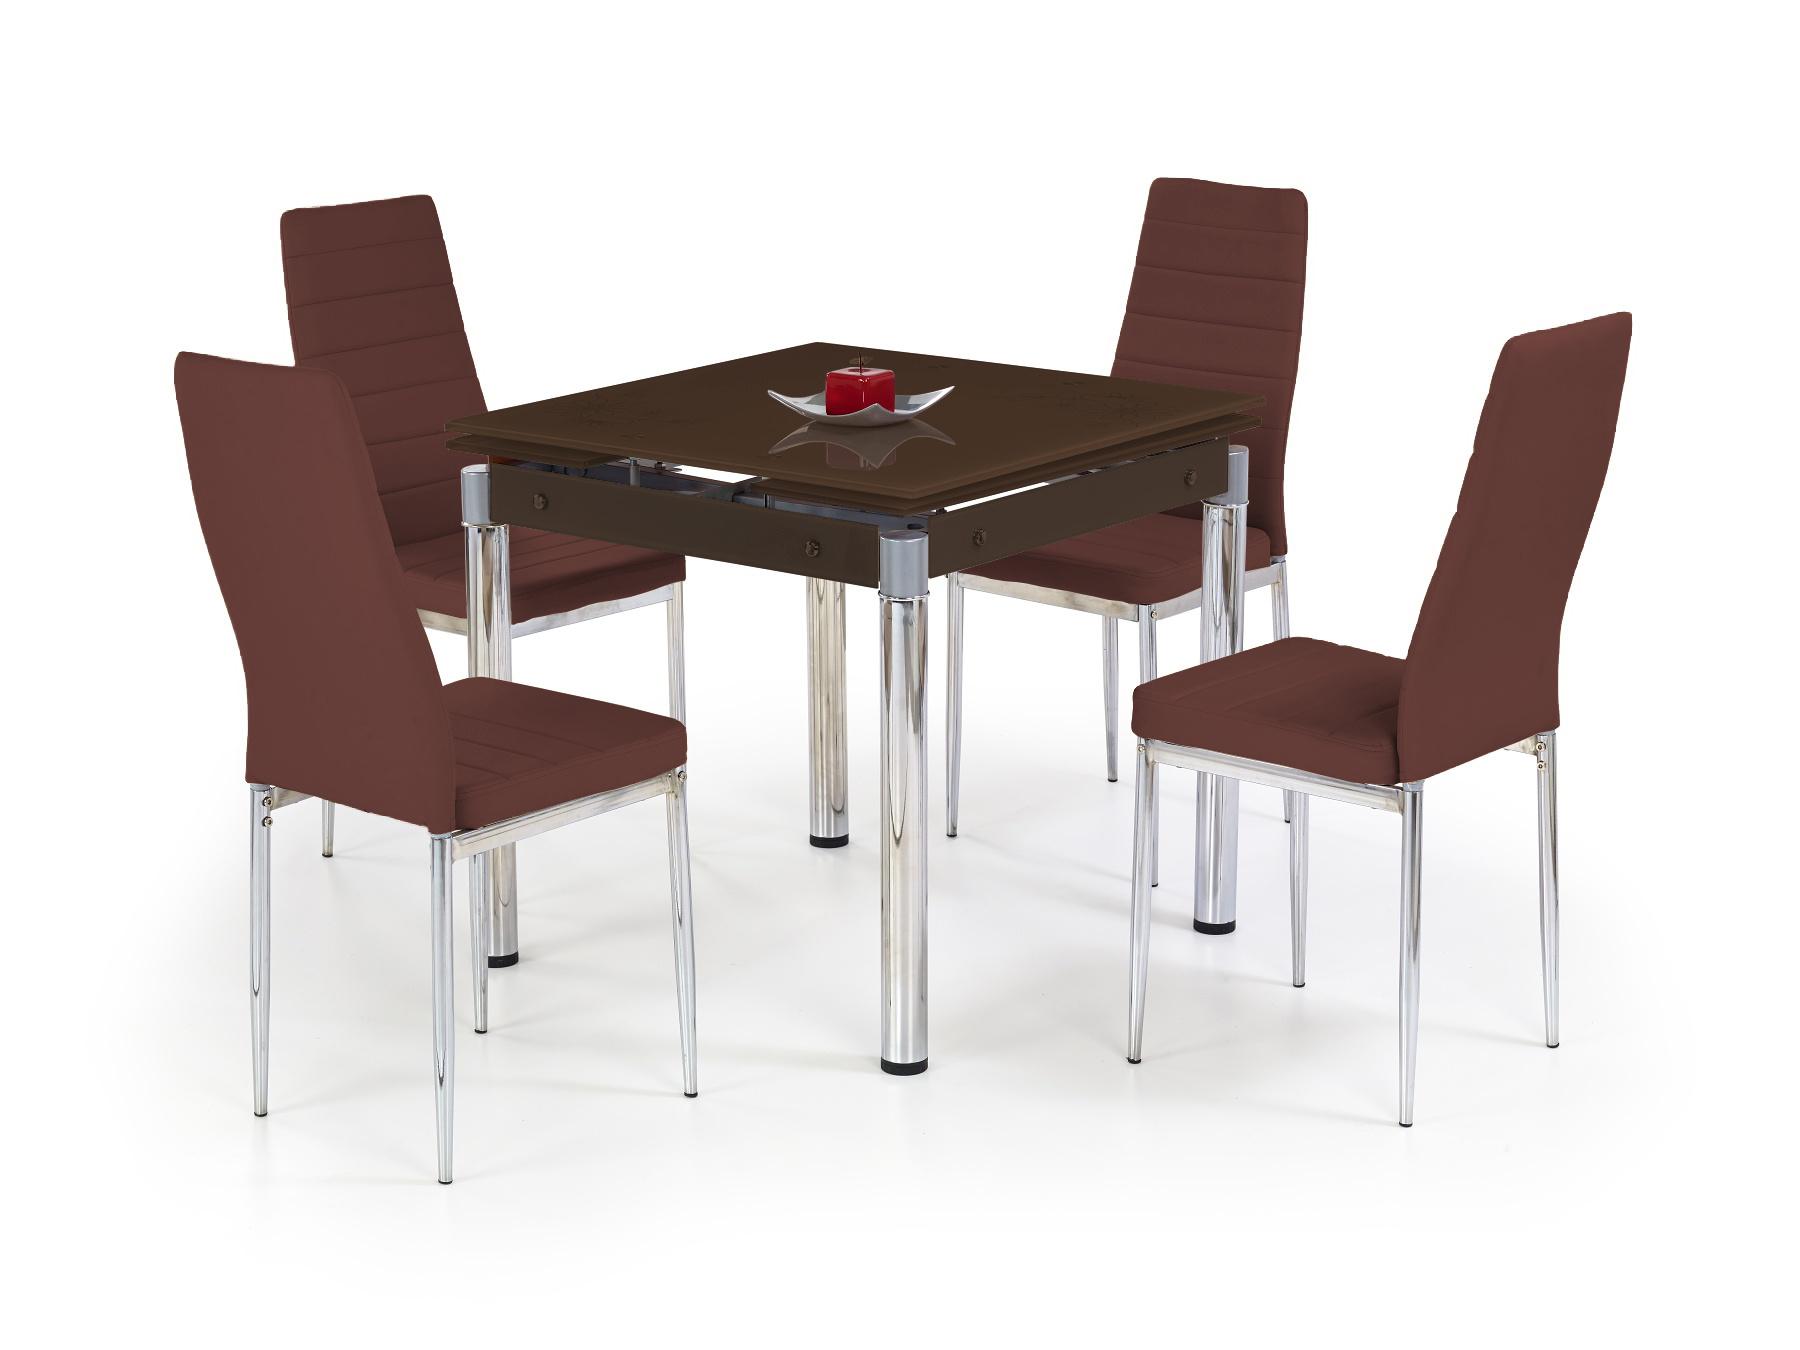 Jedálenský stôl - Halmar - Kent hnedá (pre 4 osoby)